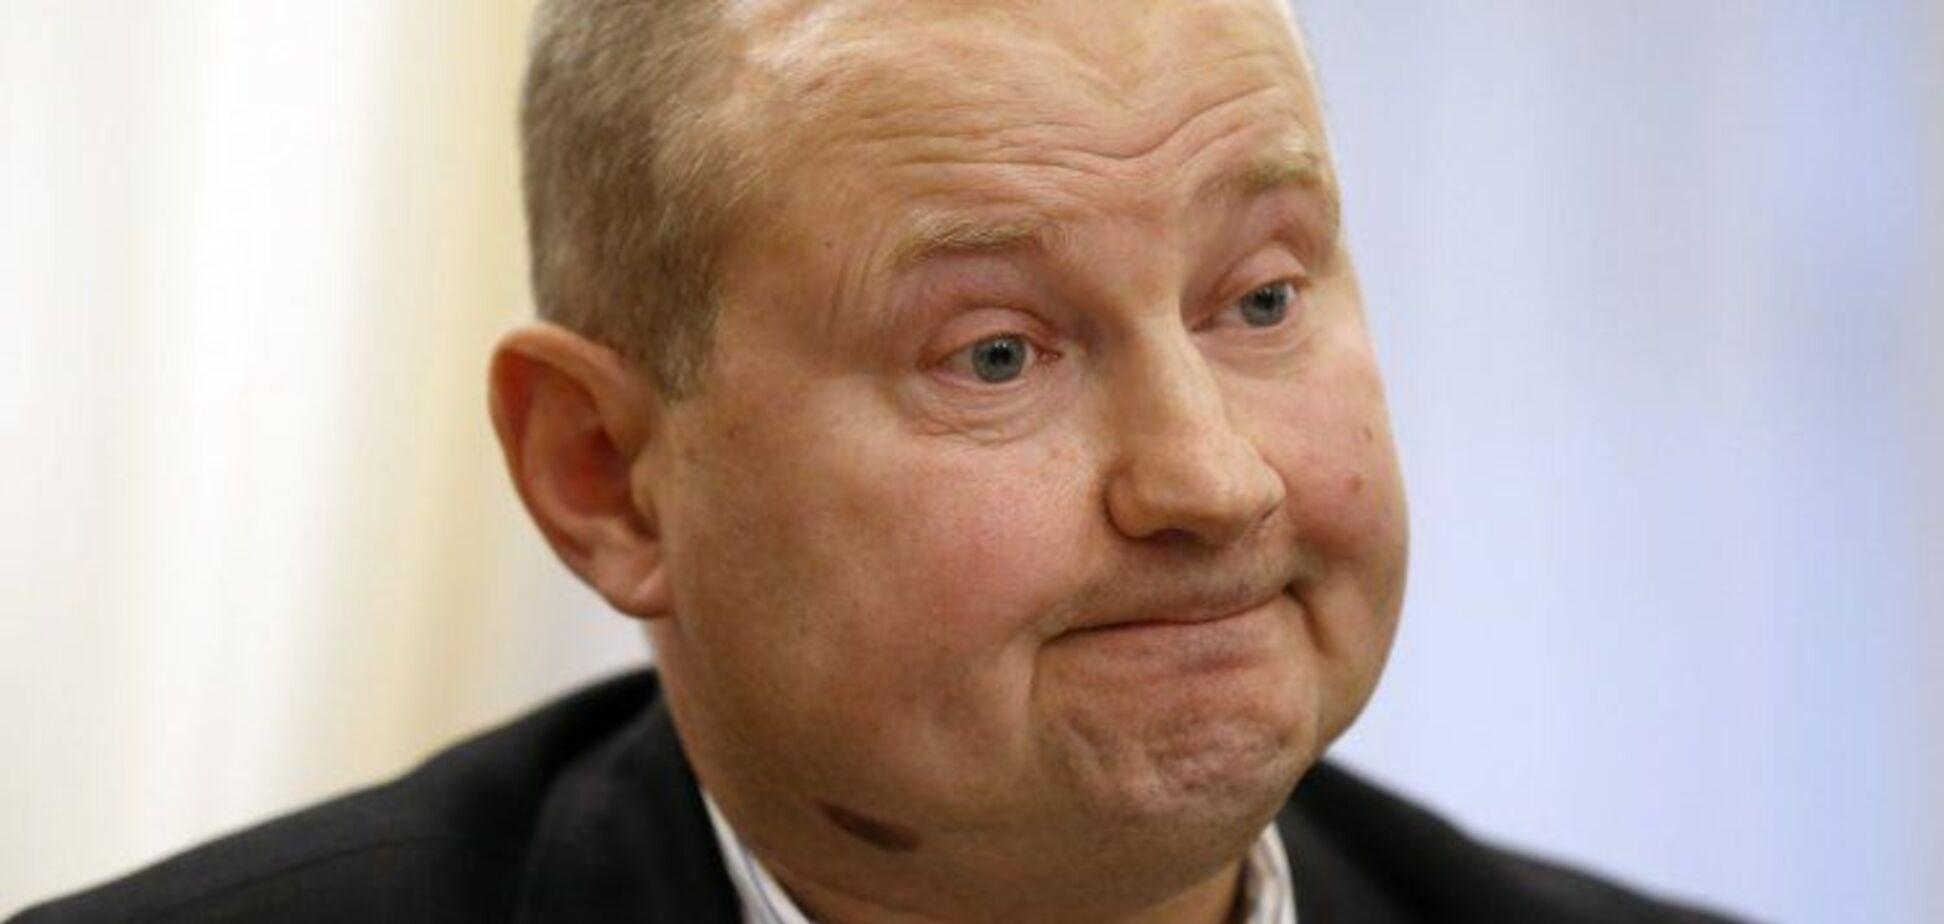 Скандального судью Евромайдана не могут выдать Украине: заседание суда провалили